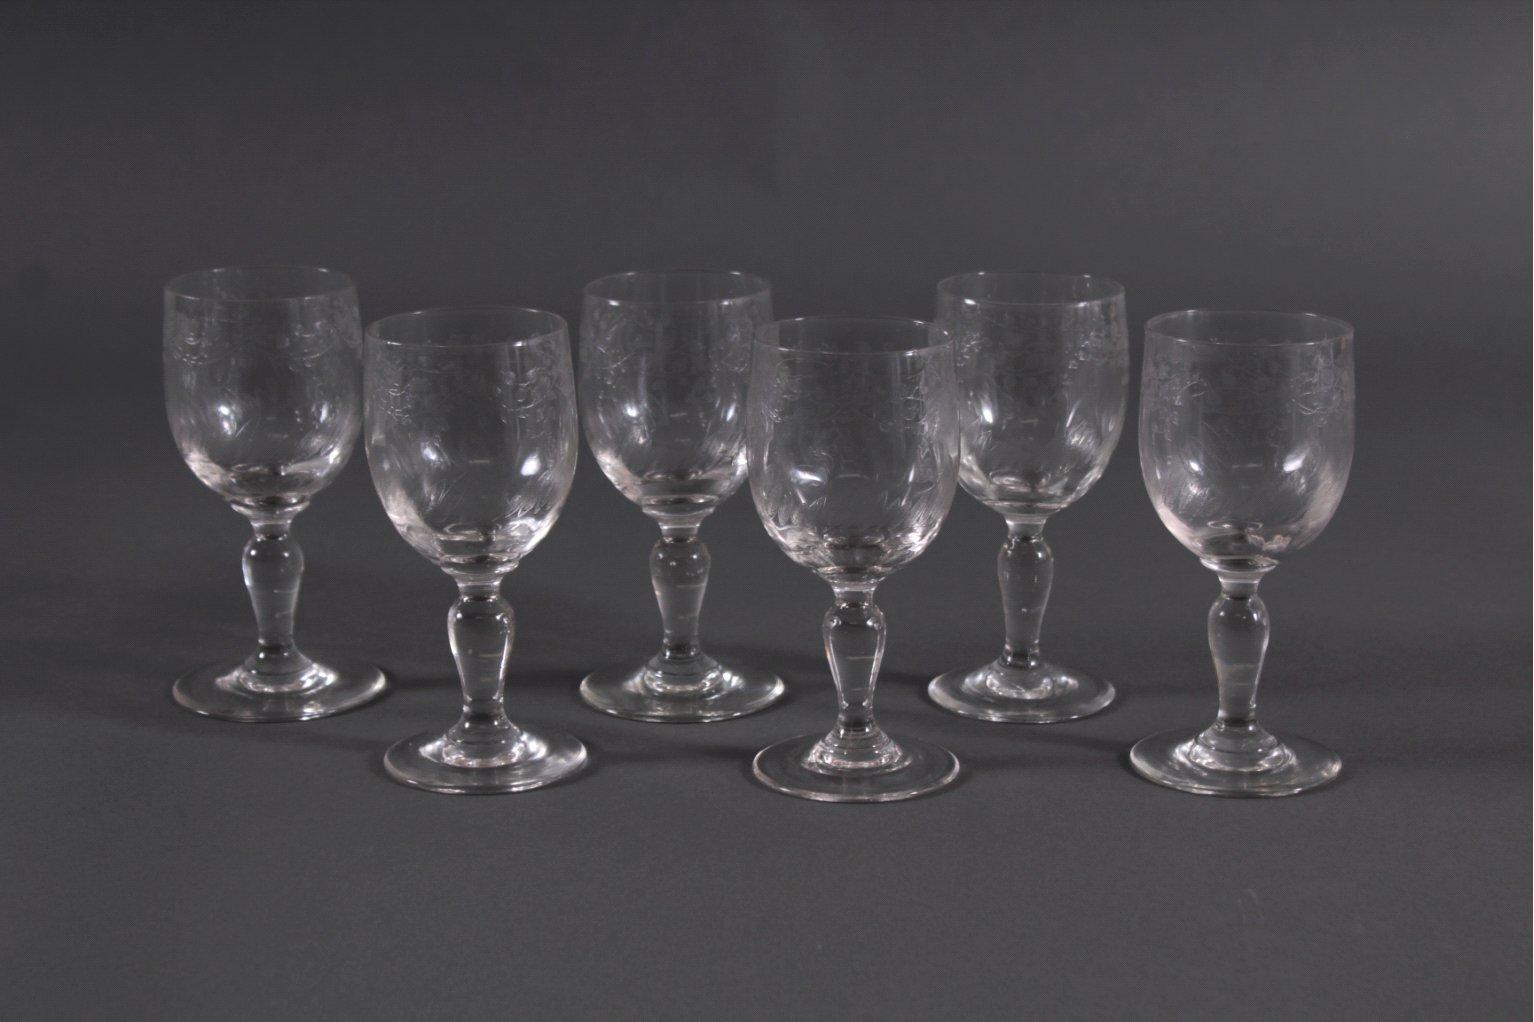 Sechs Weingläser um 1900